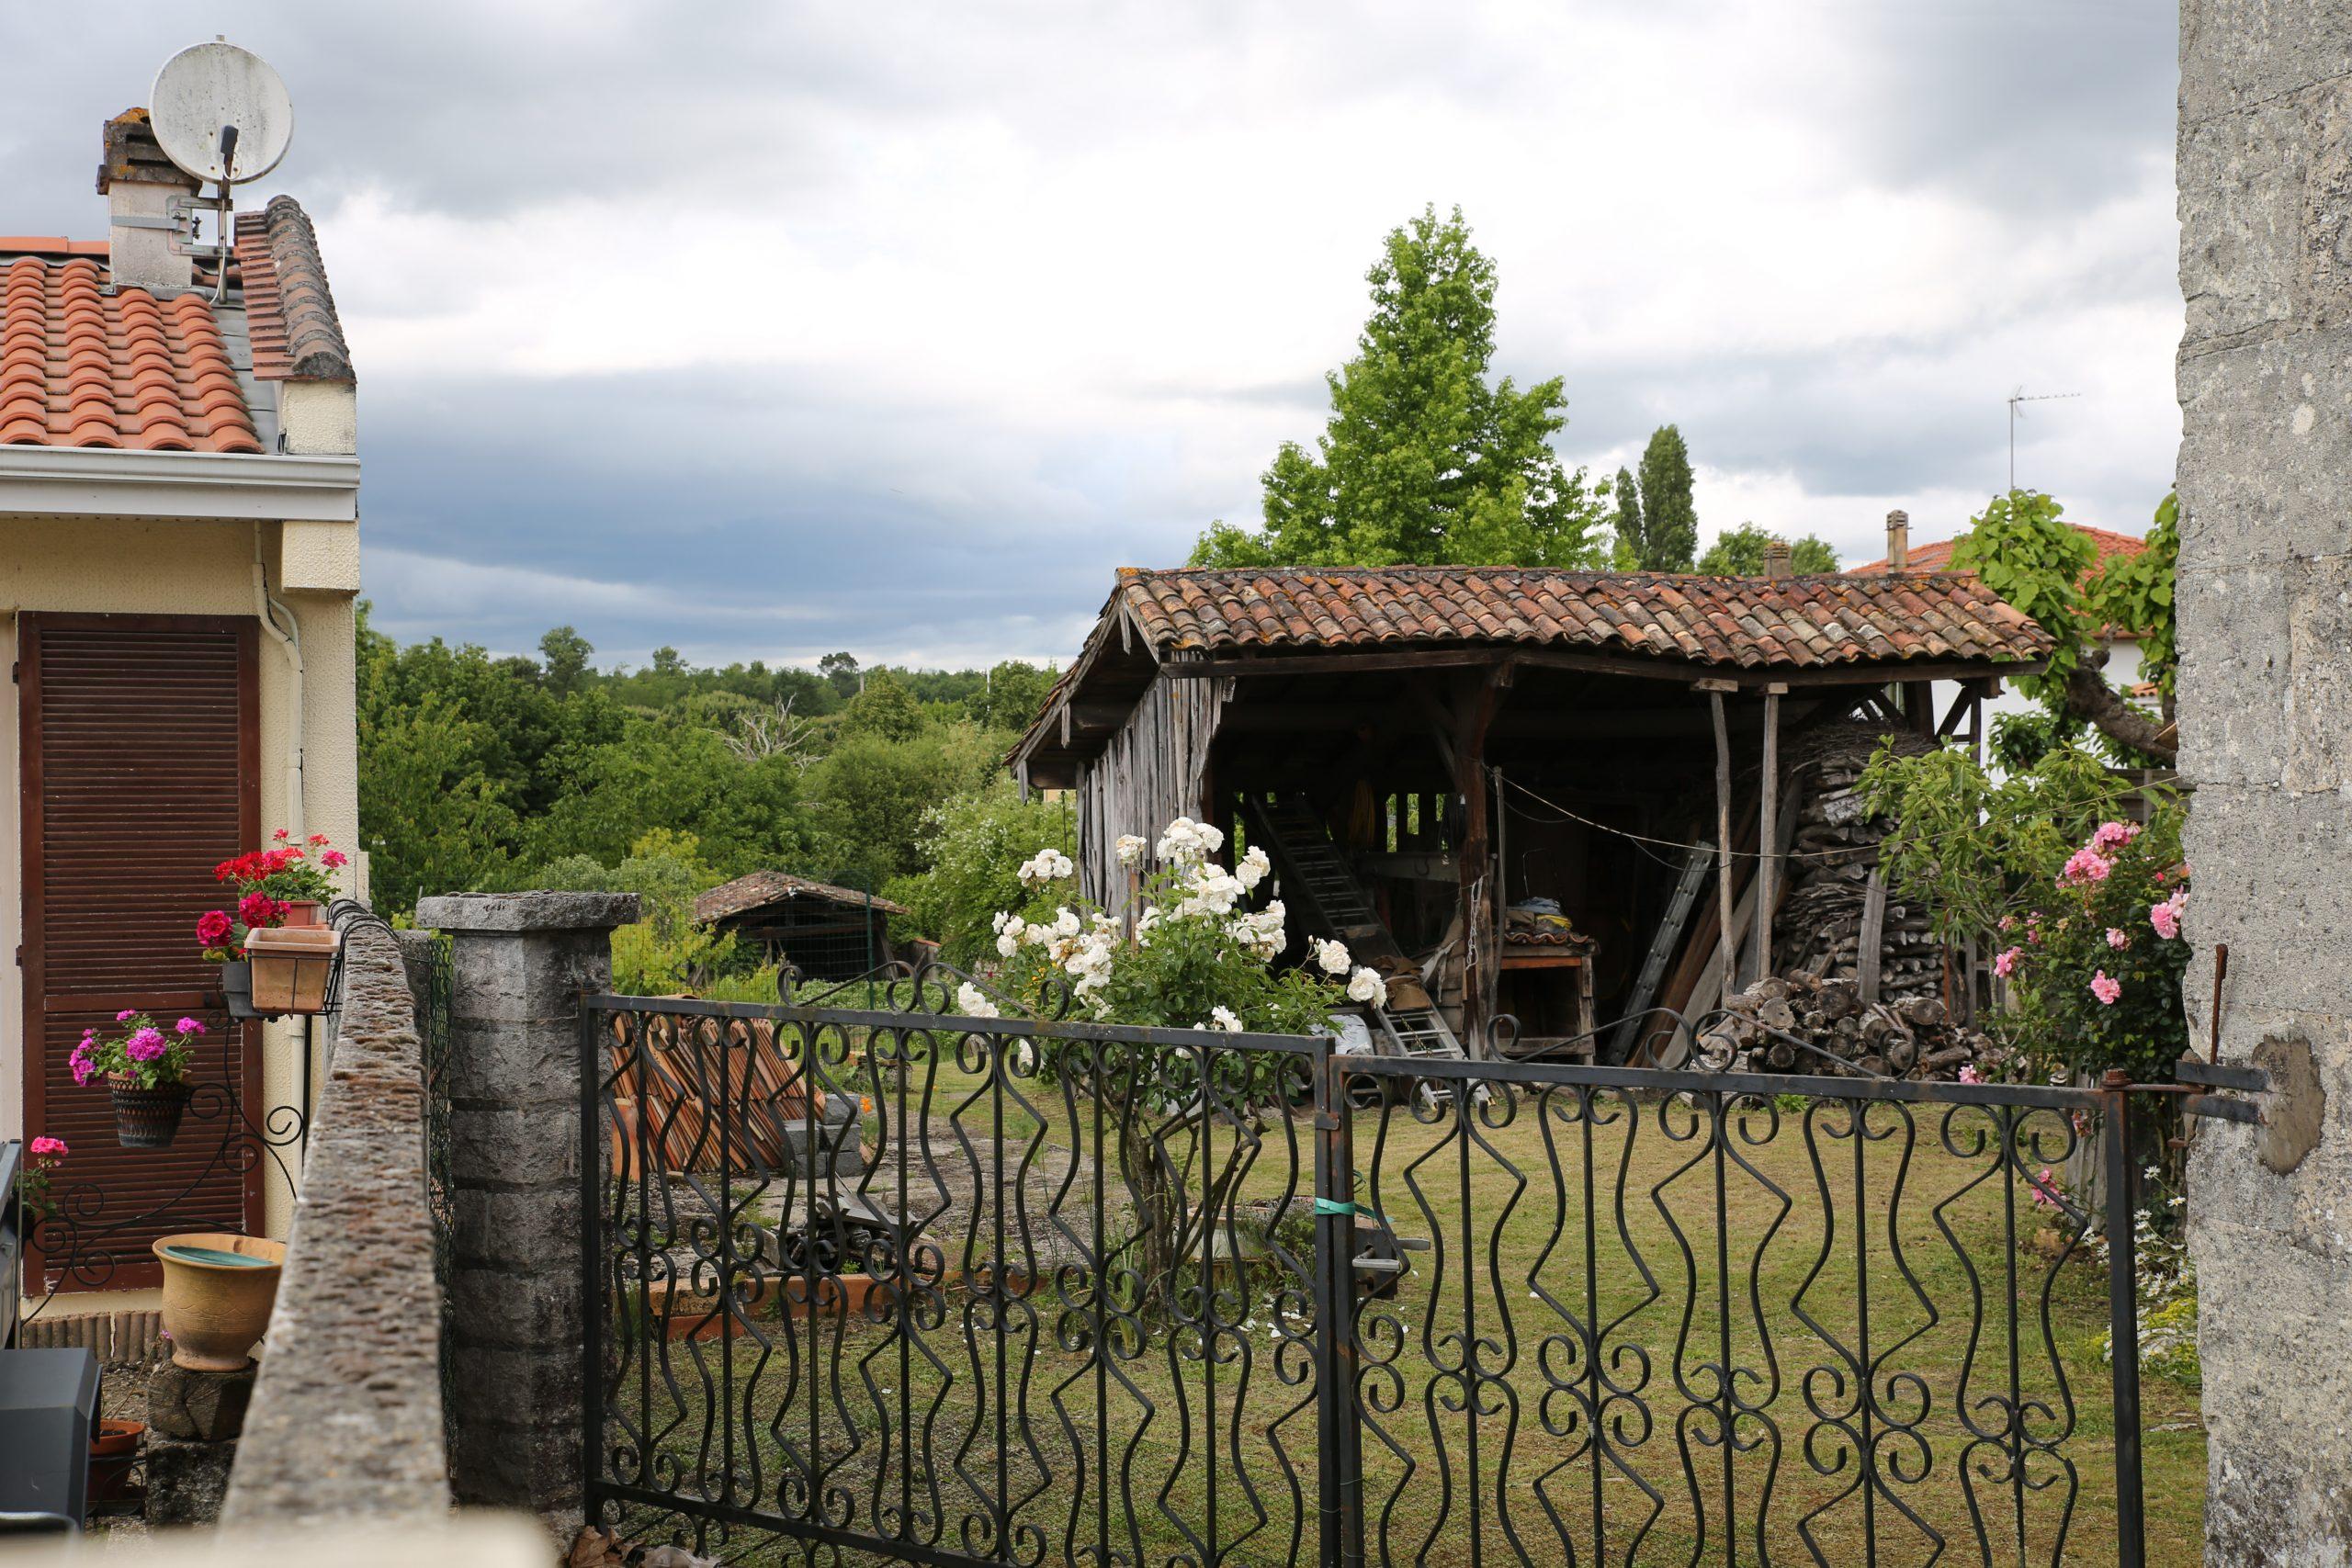 File:gajac-Abri De Jardin.jpg - Wikimedia Commons à Abri De Jardin Original